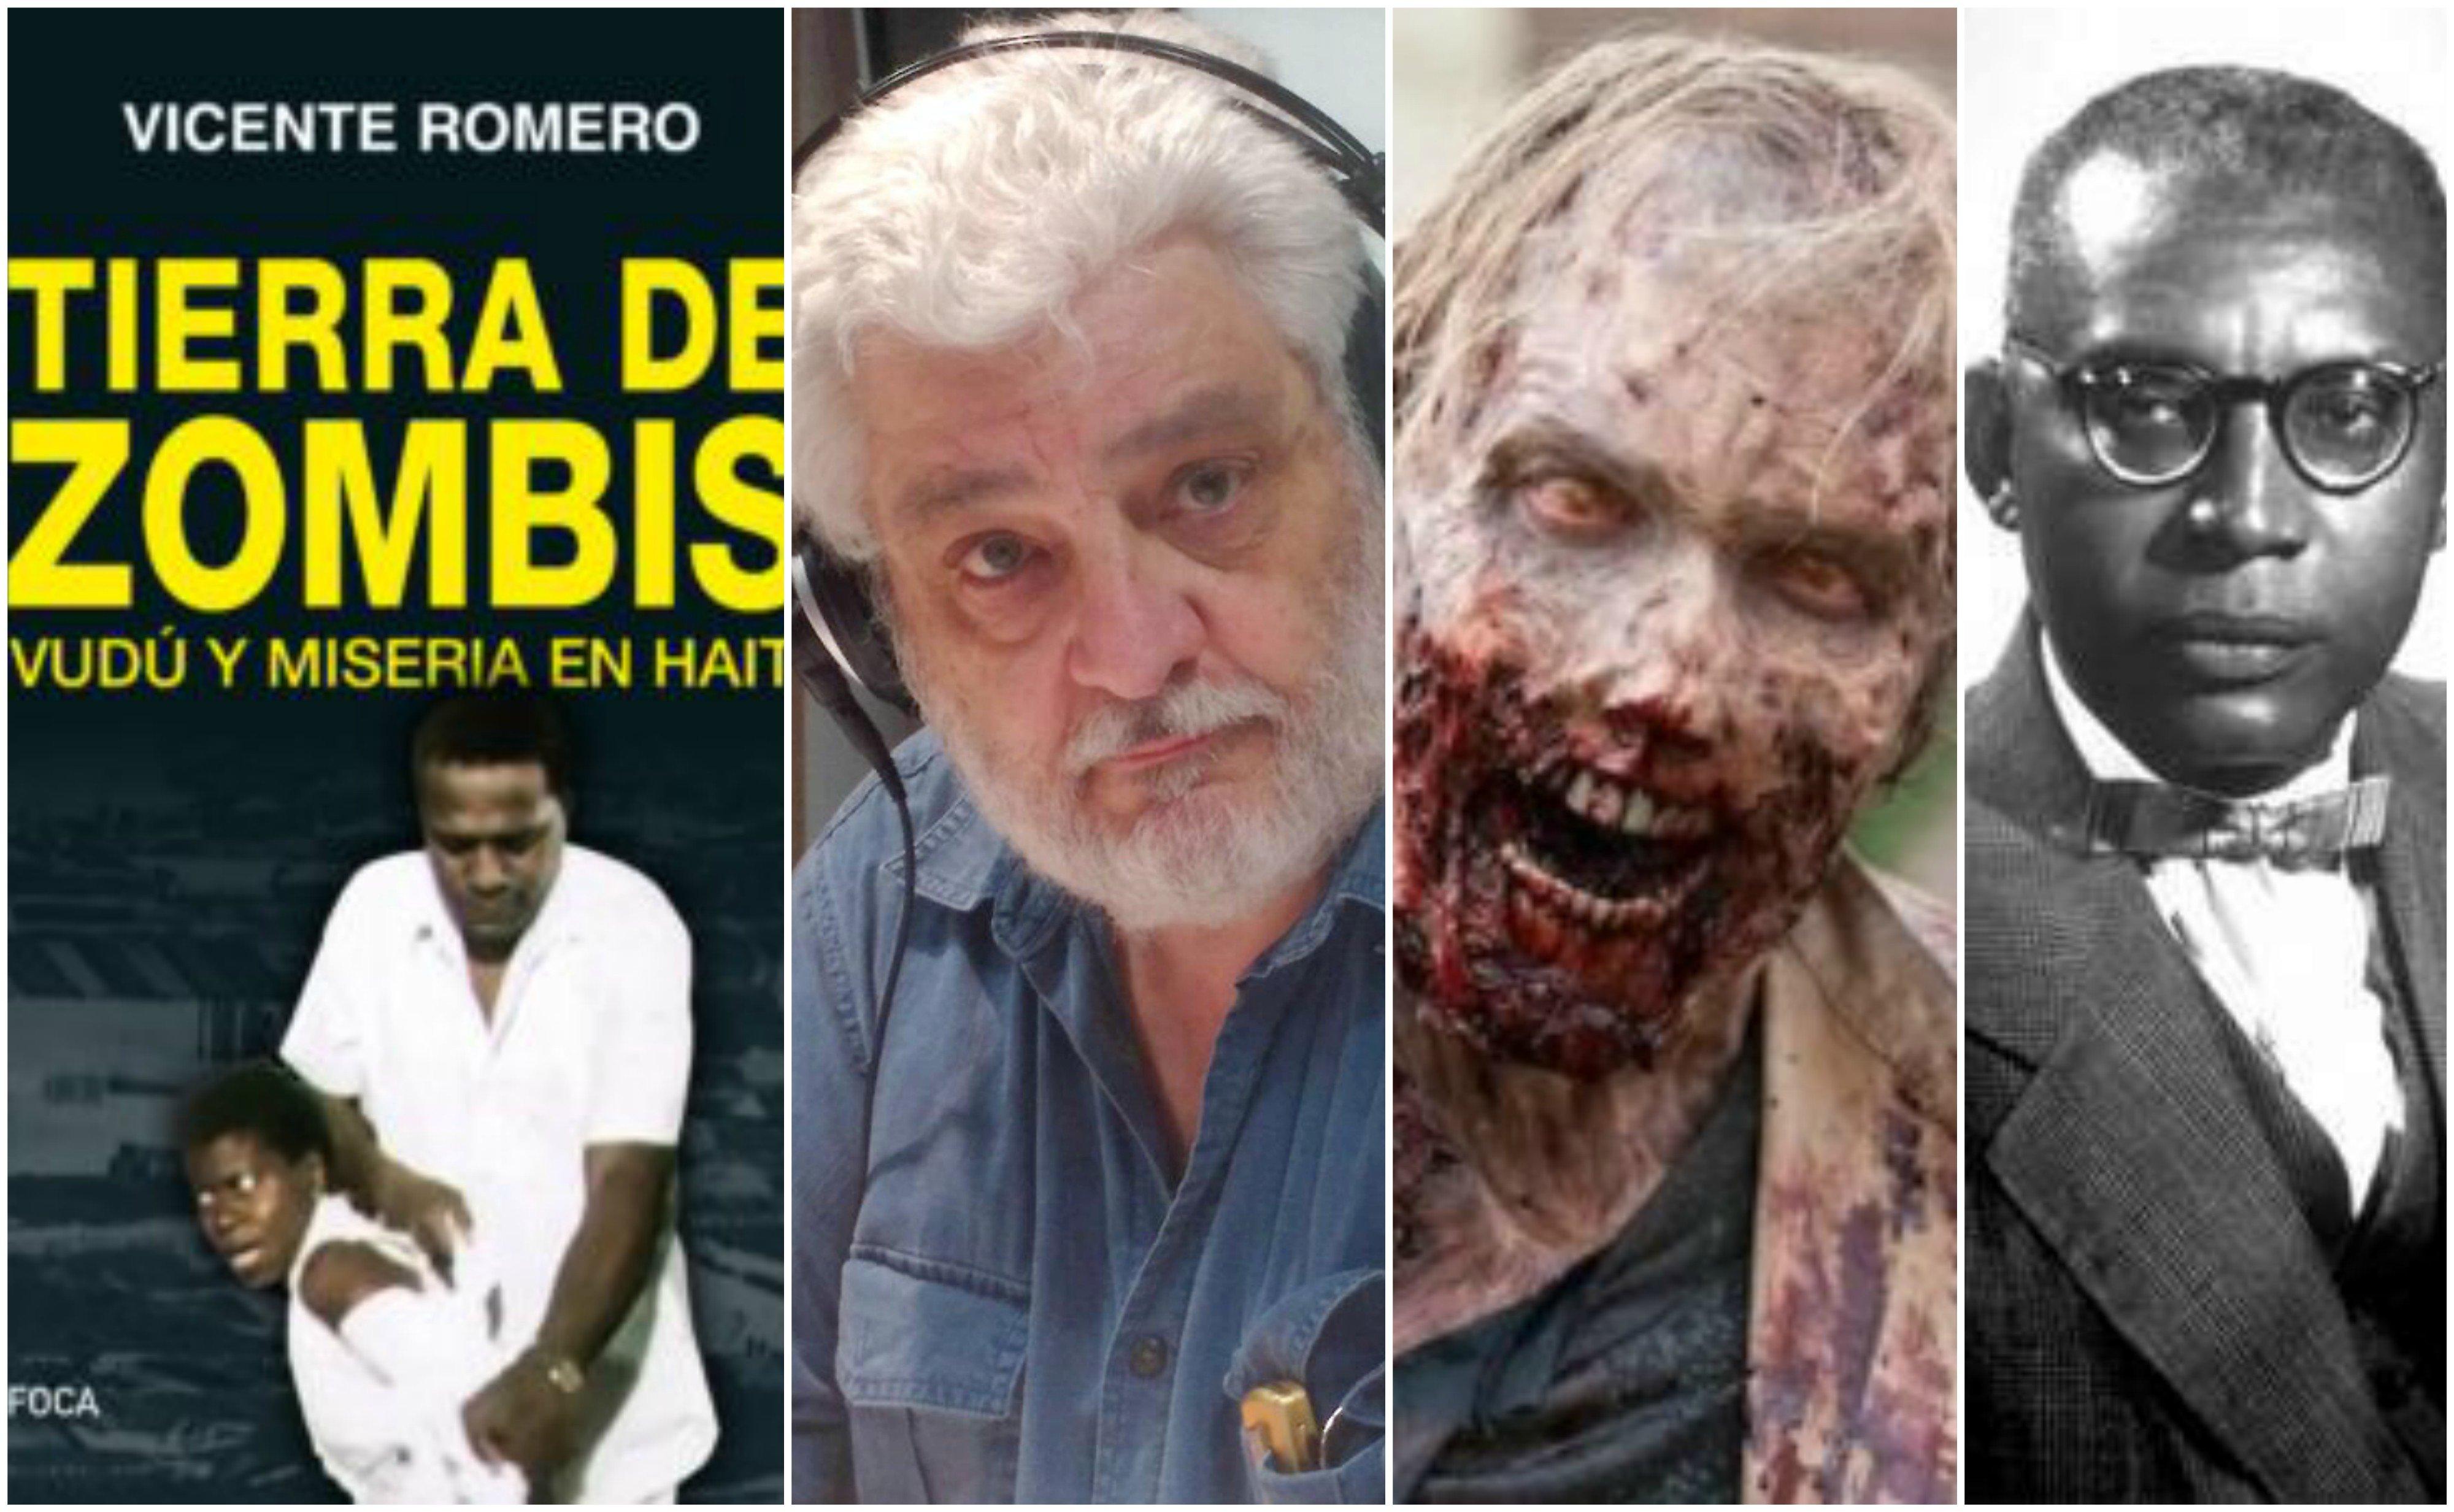 'Tierra de zombies', Vicente Romero, un zombie y Papa Doc